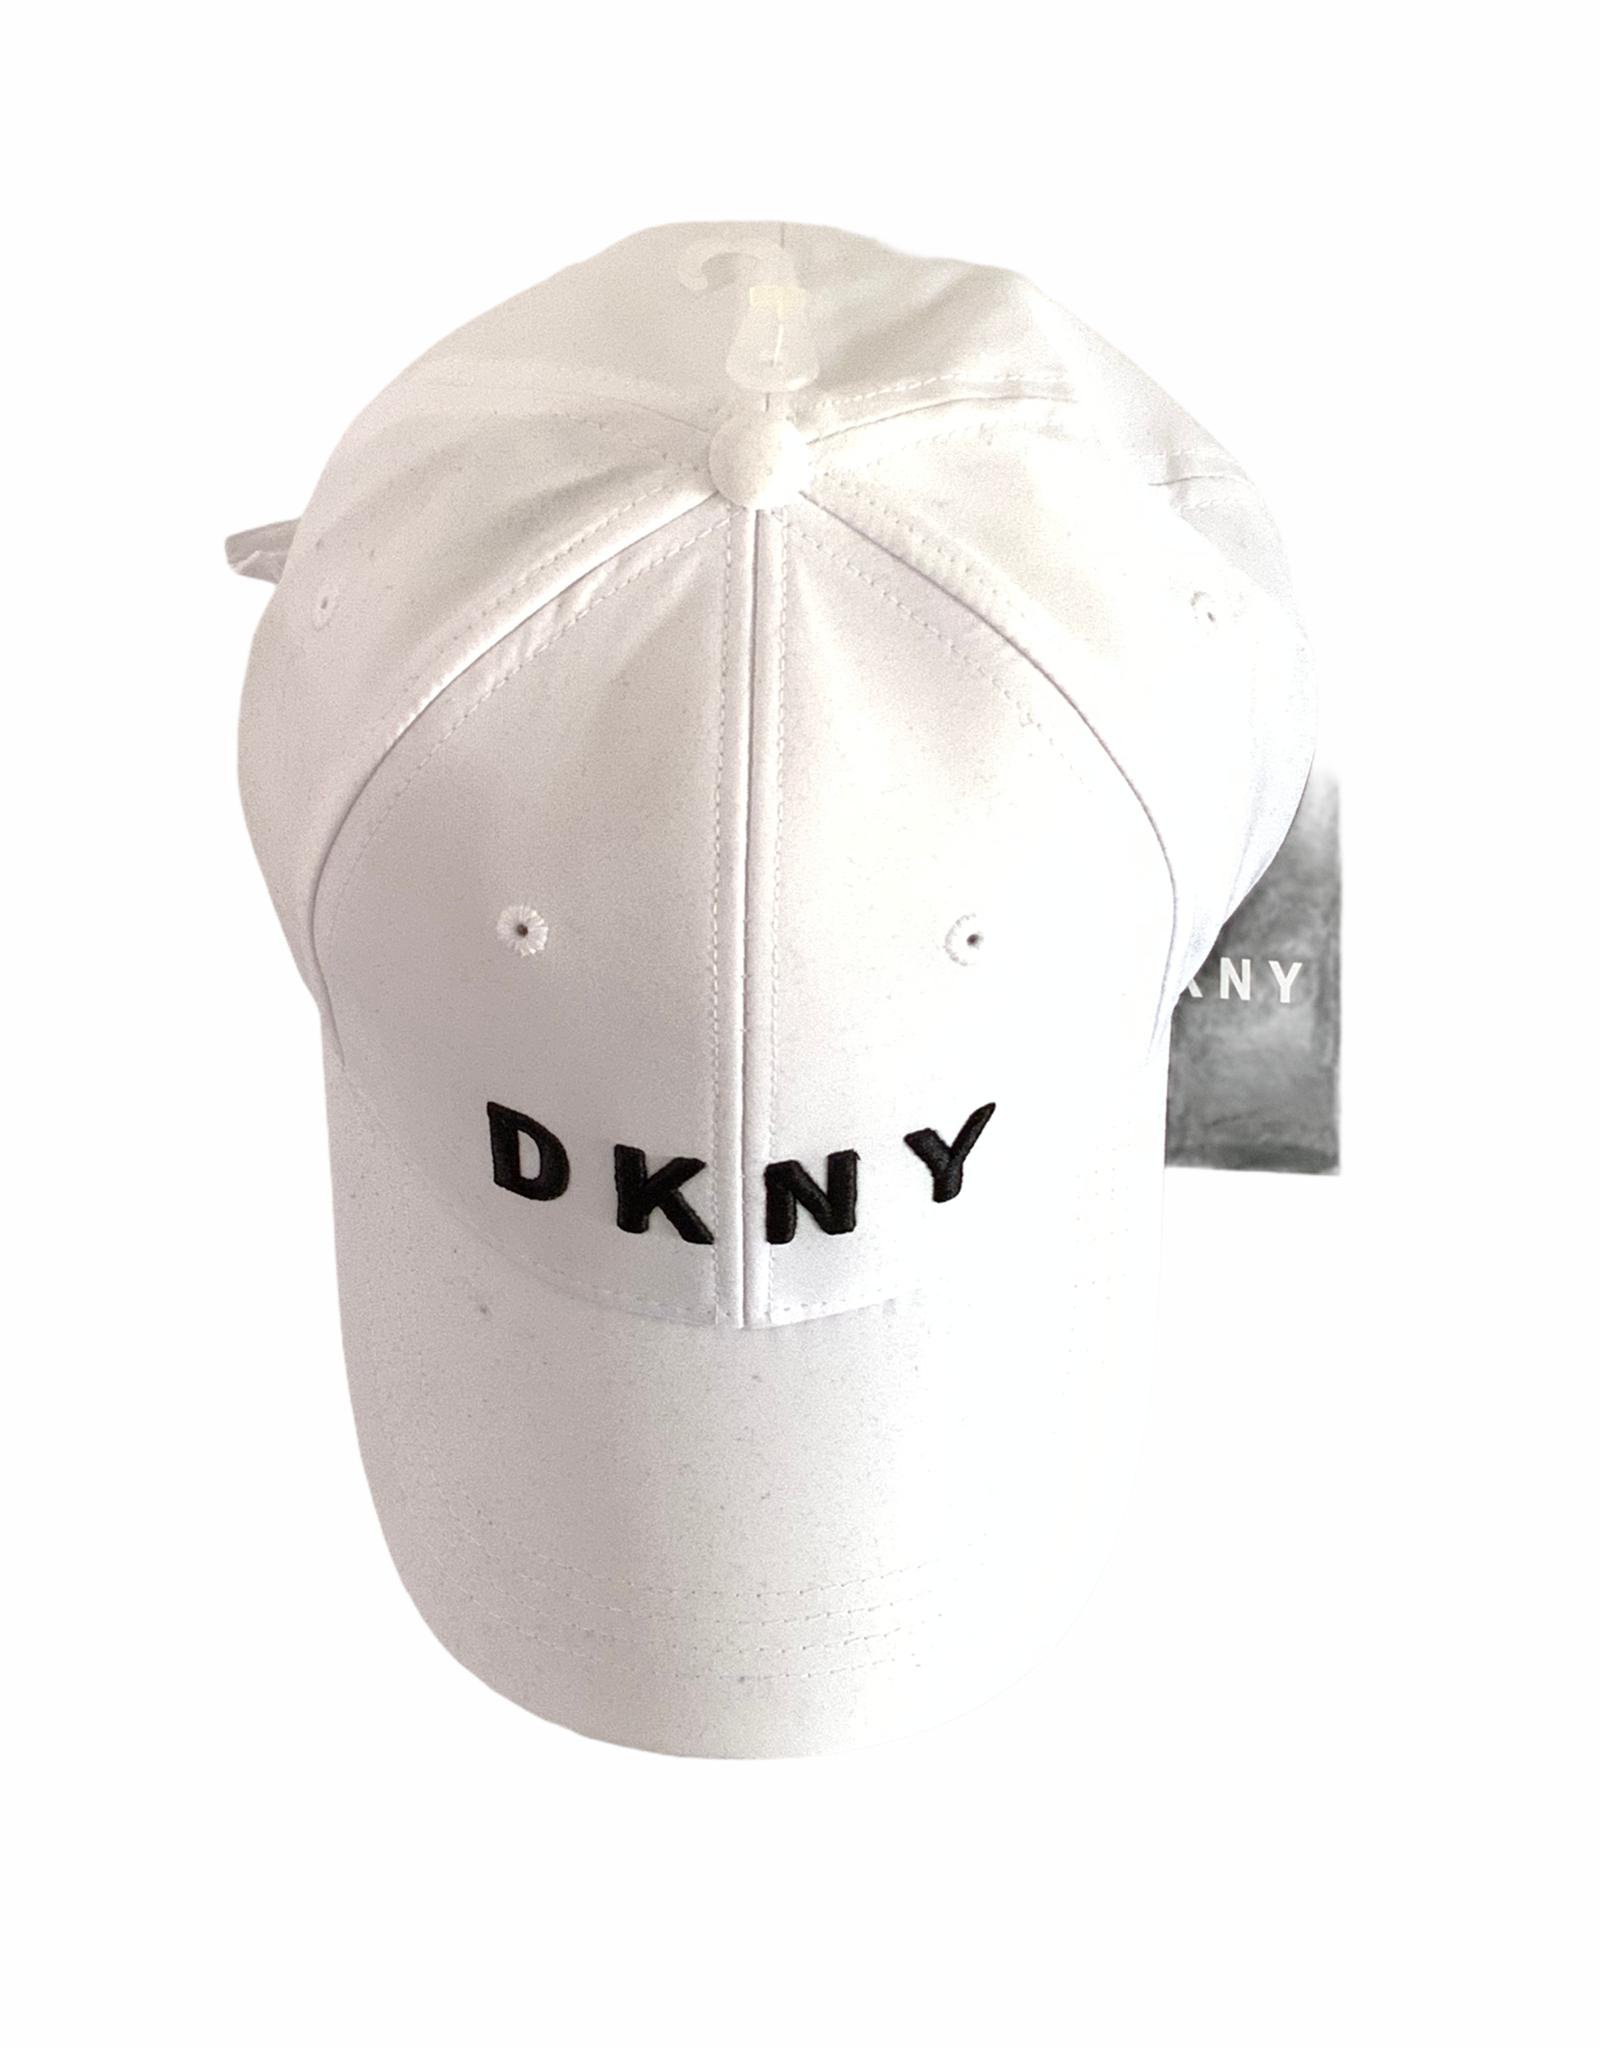 DKNY DKNY CAP